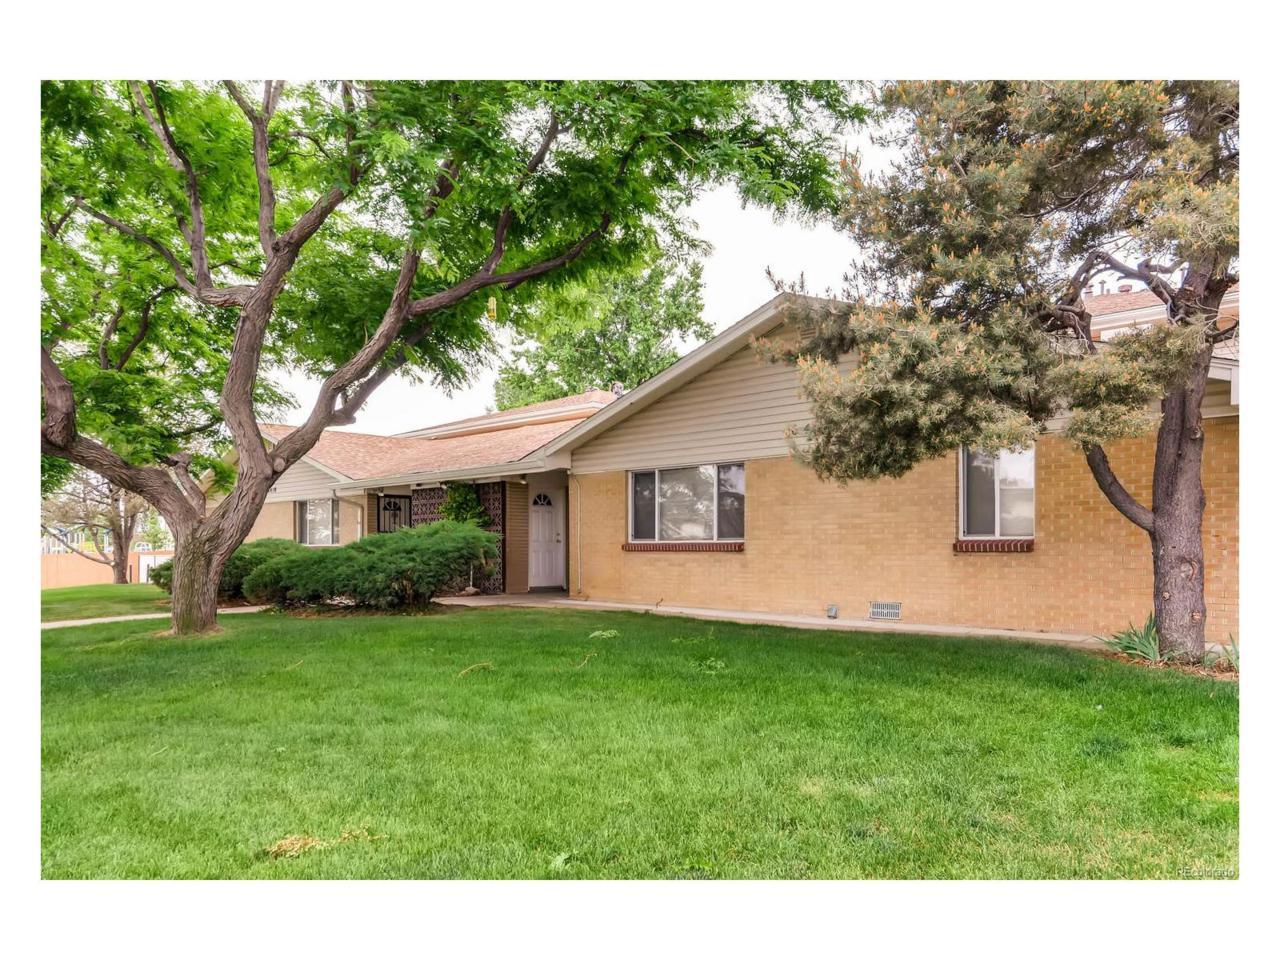 6410 W 44th Place B3, Wheat Ridge, CO 80033 (MLS #5704074) :: 8z Real Estate